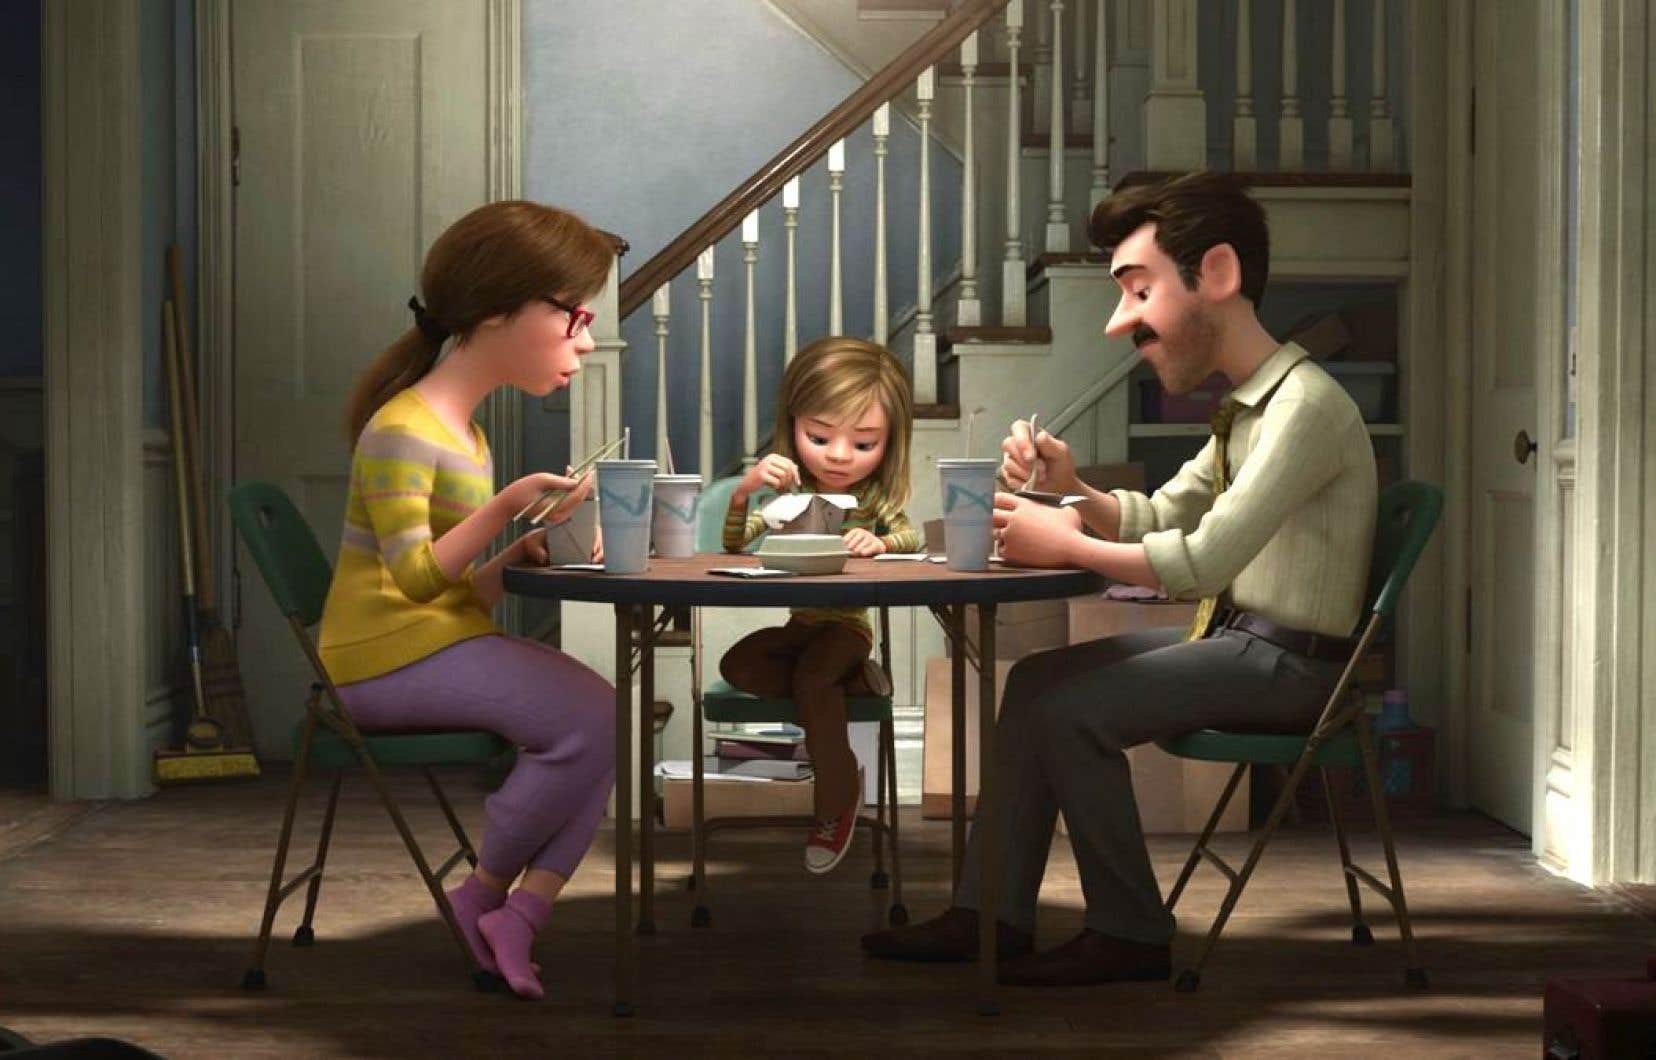 «Inside Out», le plus récent film de Pixar, est une odyssée fantastique haute en couleurs qui traite de façon ludique du passage à l'adolescence.